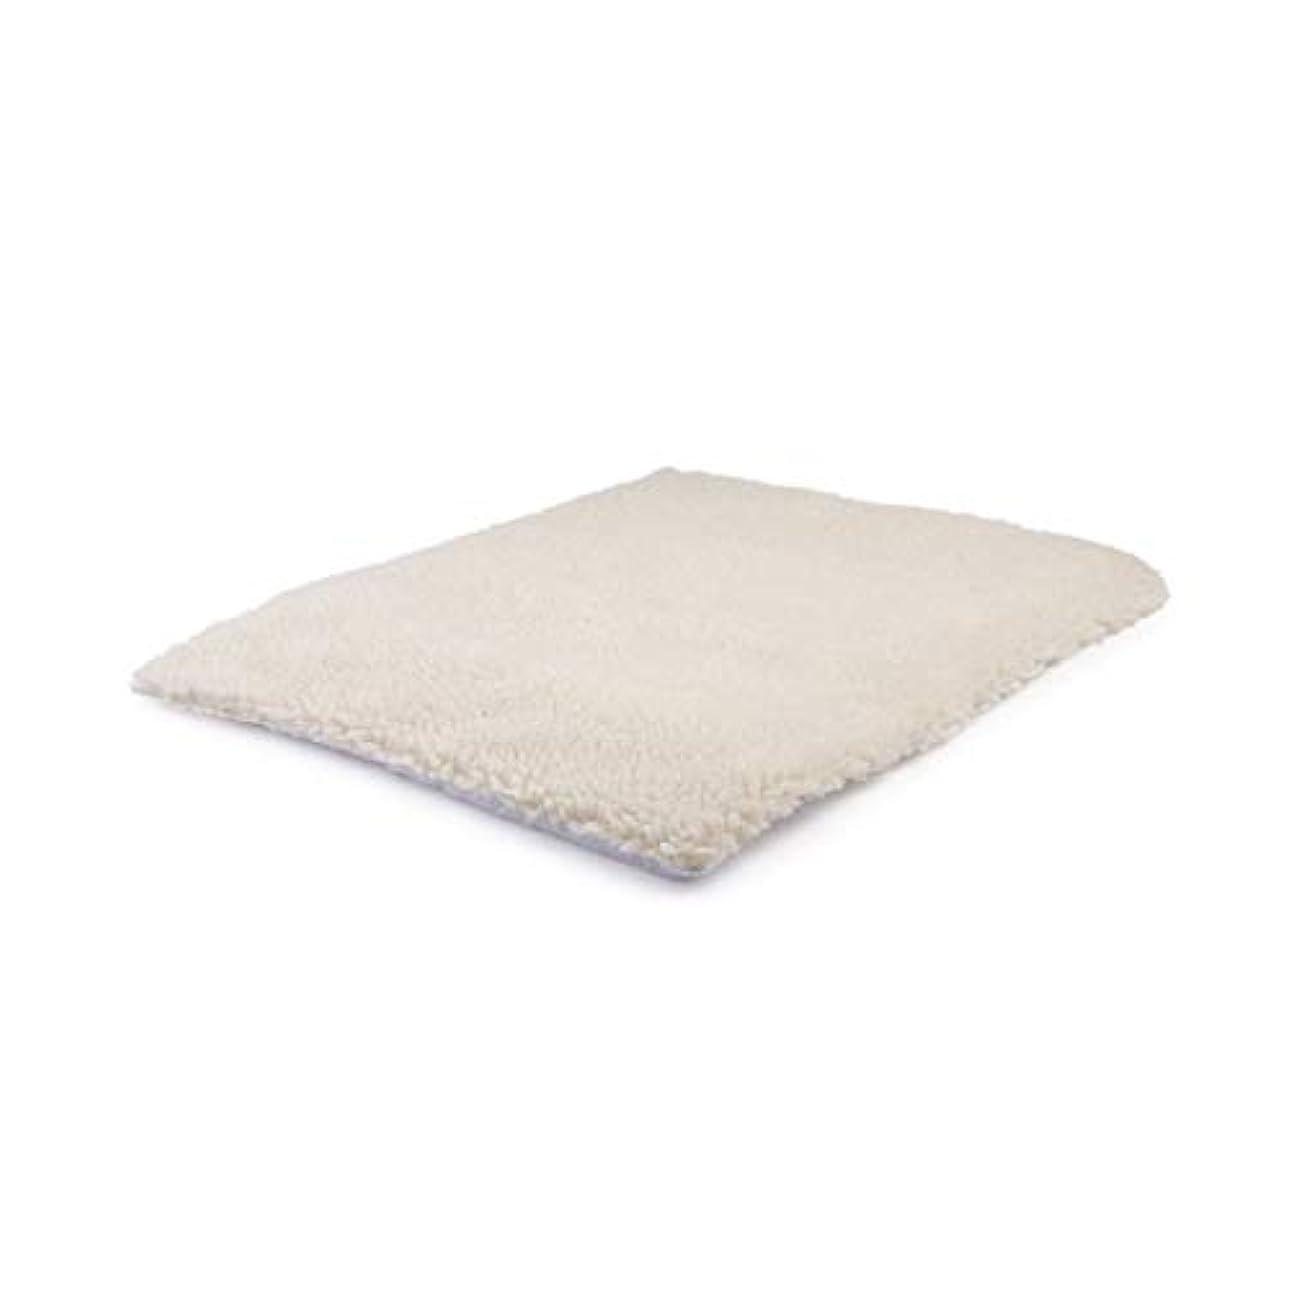 むき出しキノコ騒ぎSaikogoods 自己発熱ペット毛布 ペットベッド ウォッシャブル ノーエレクトリック スーパーソフト 子犬子猫毛布 ベッドマット ベージュ 640×460mm